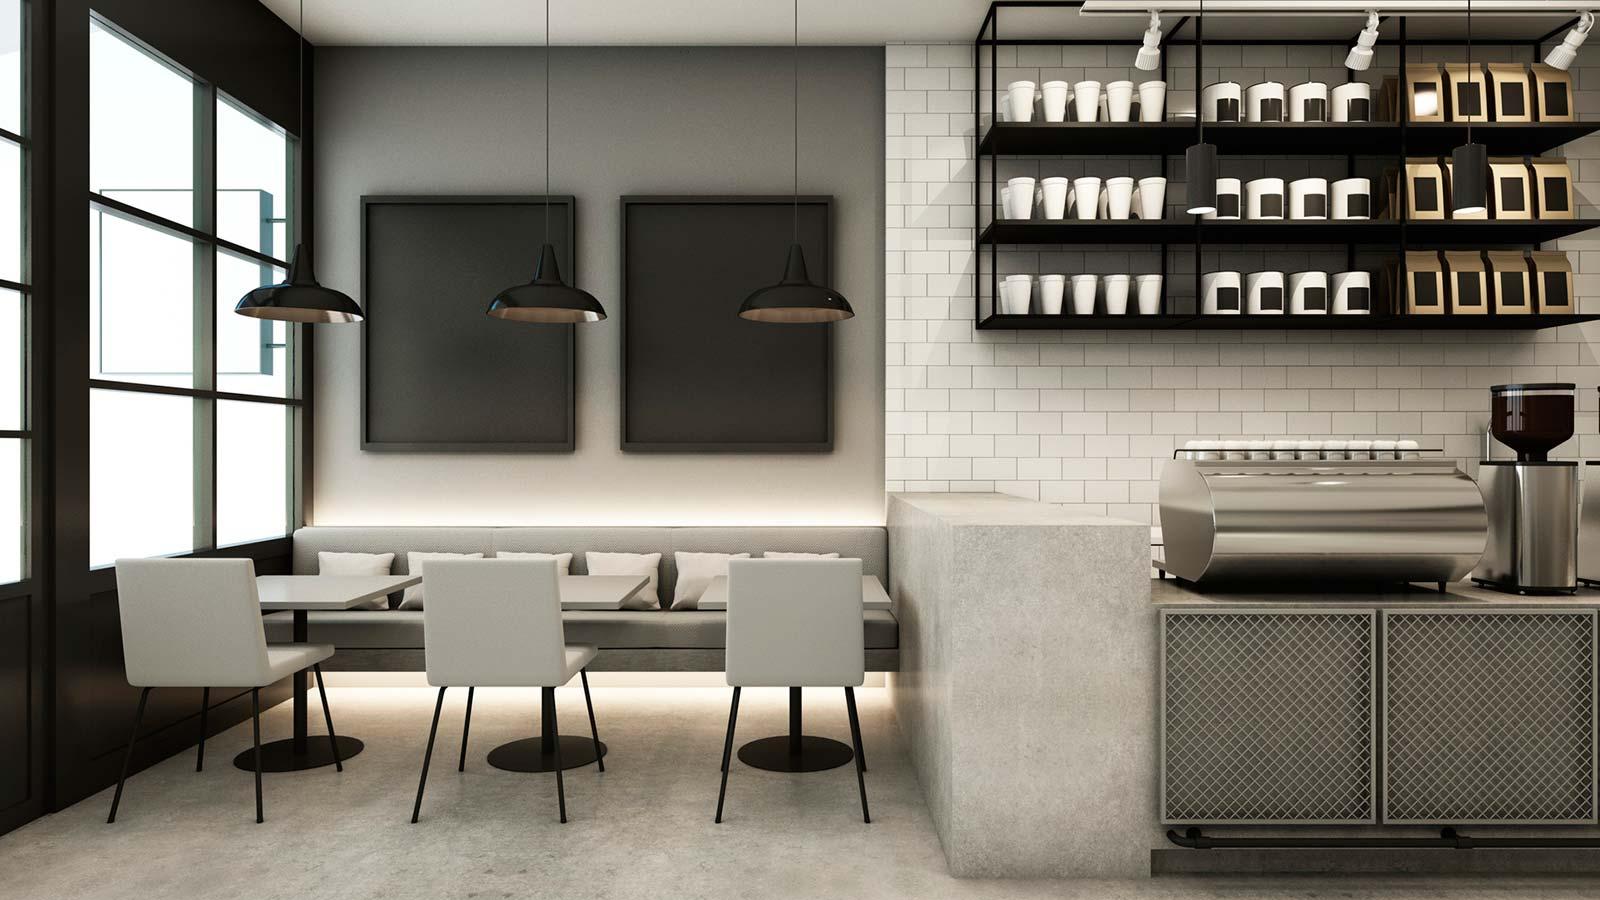 reformas de locales y restaurantes en bilbao y bizkaia